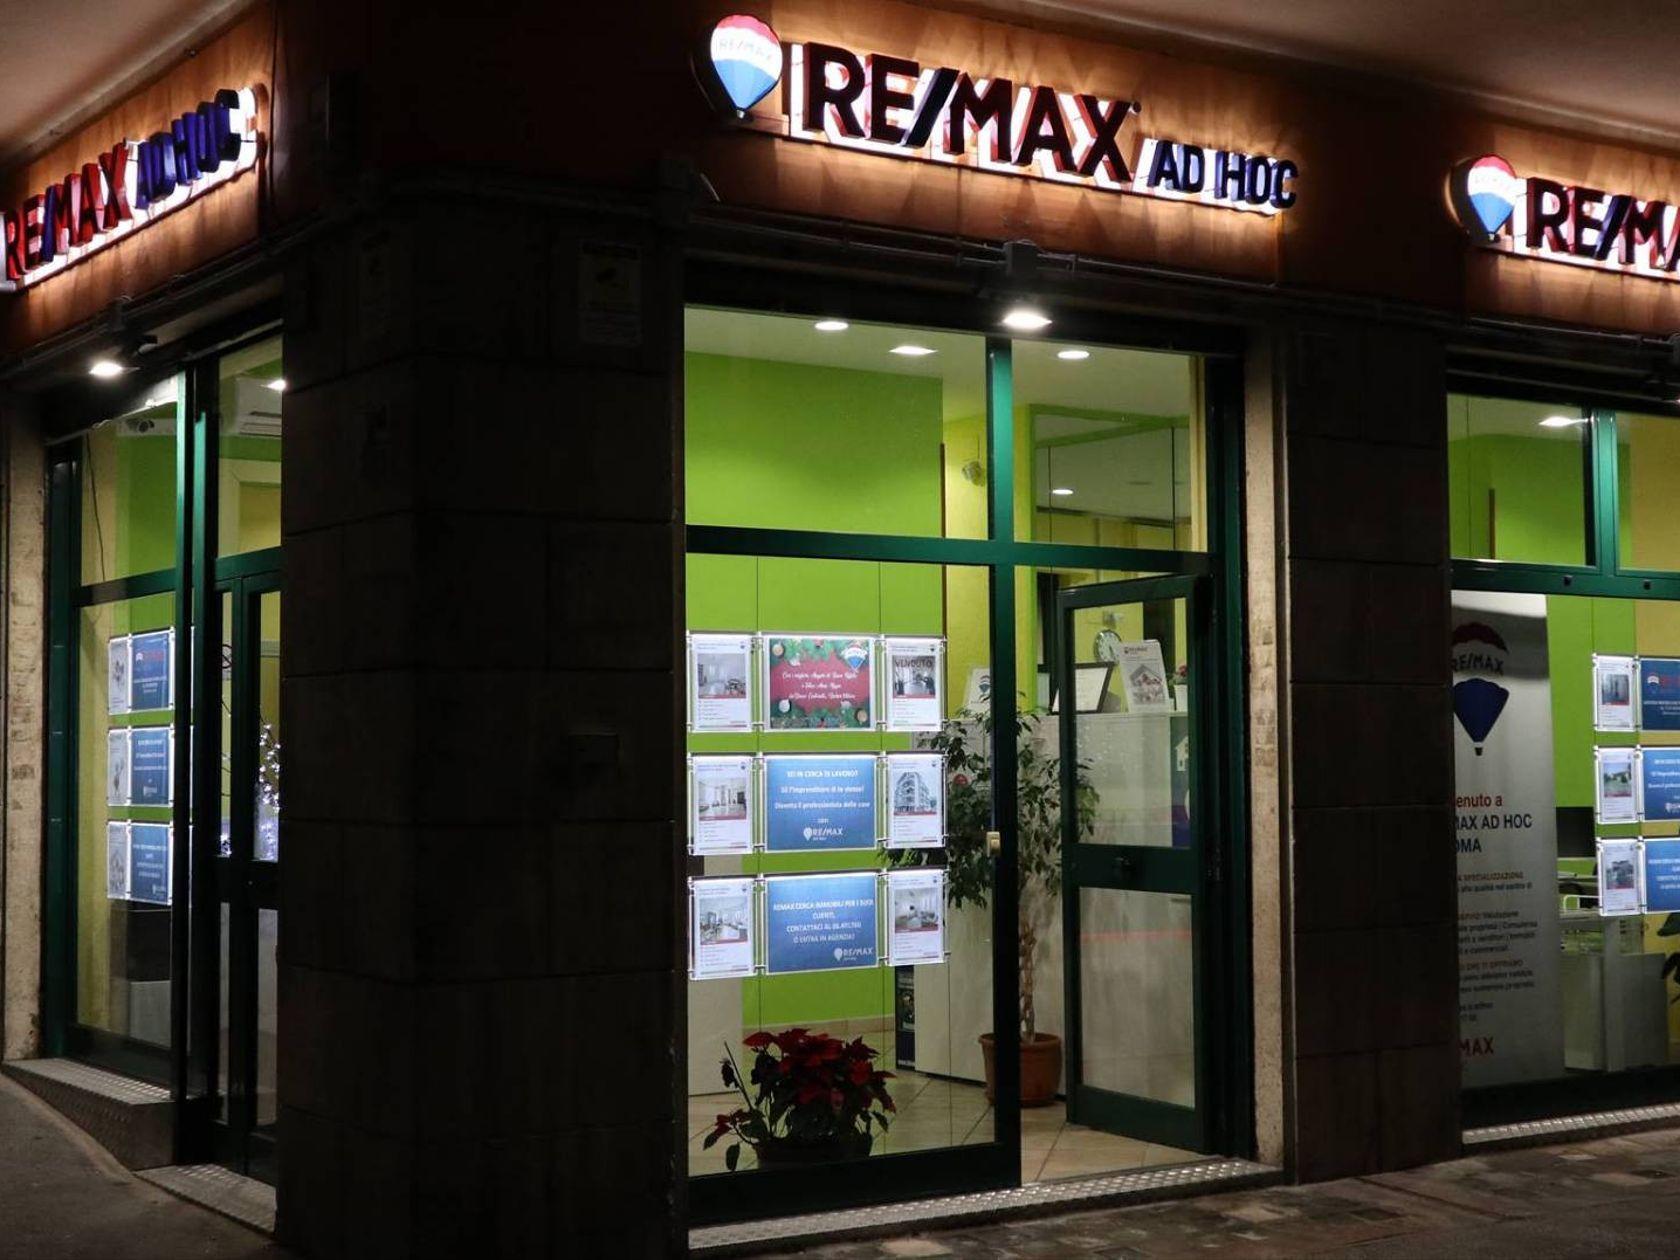 RE/MAX Ad Hoc Roma - Foto 2